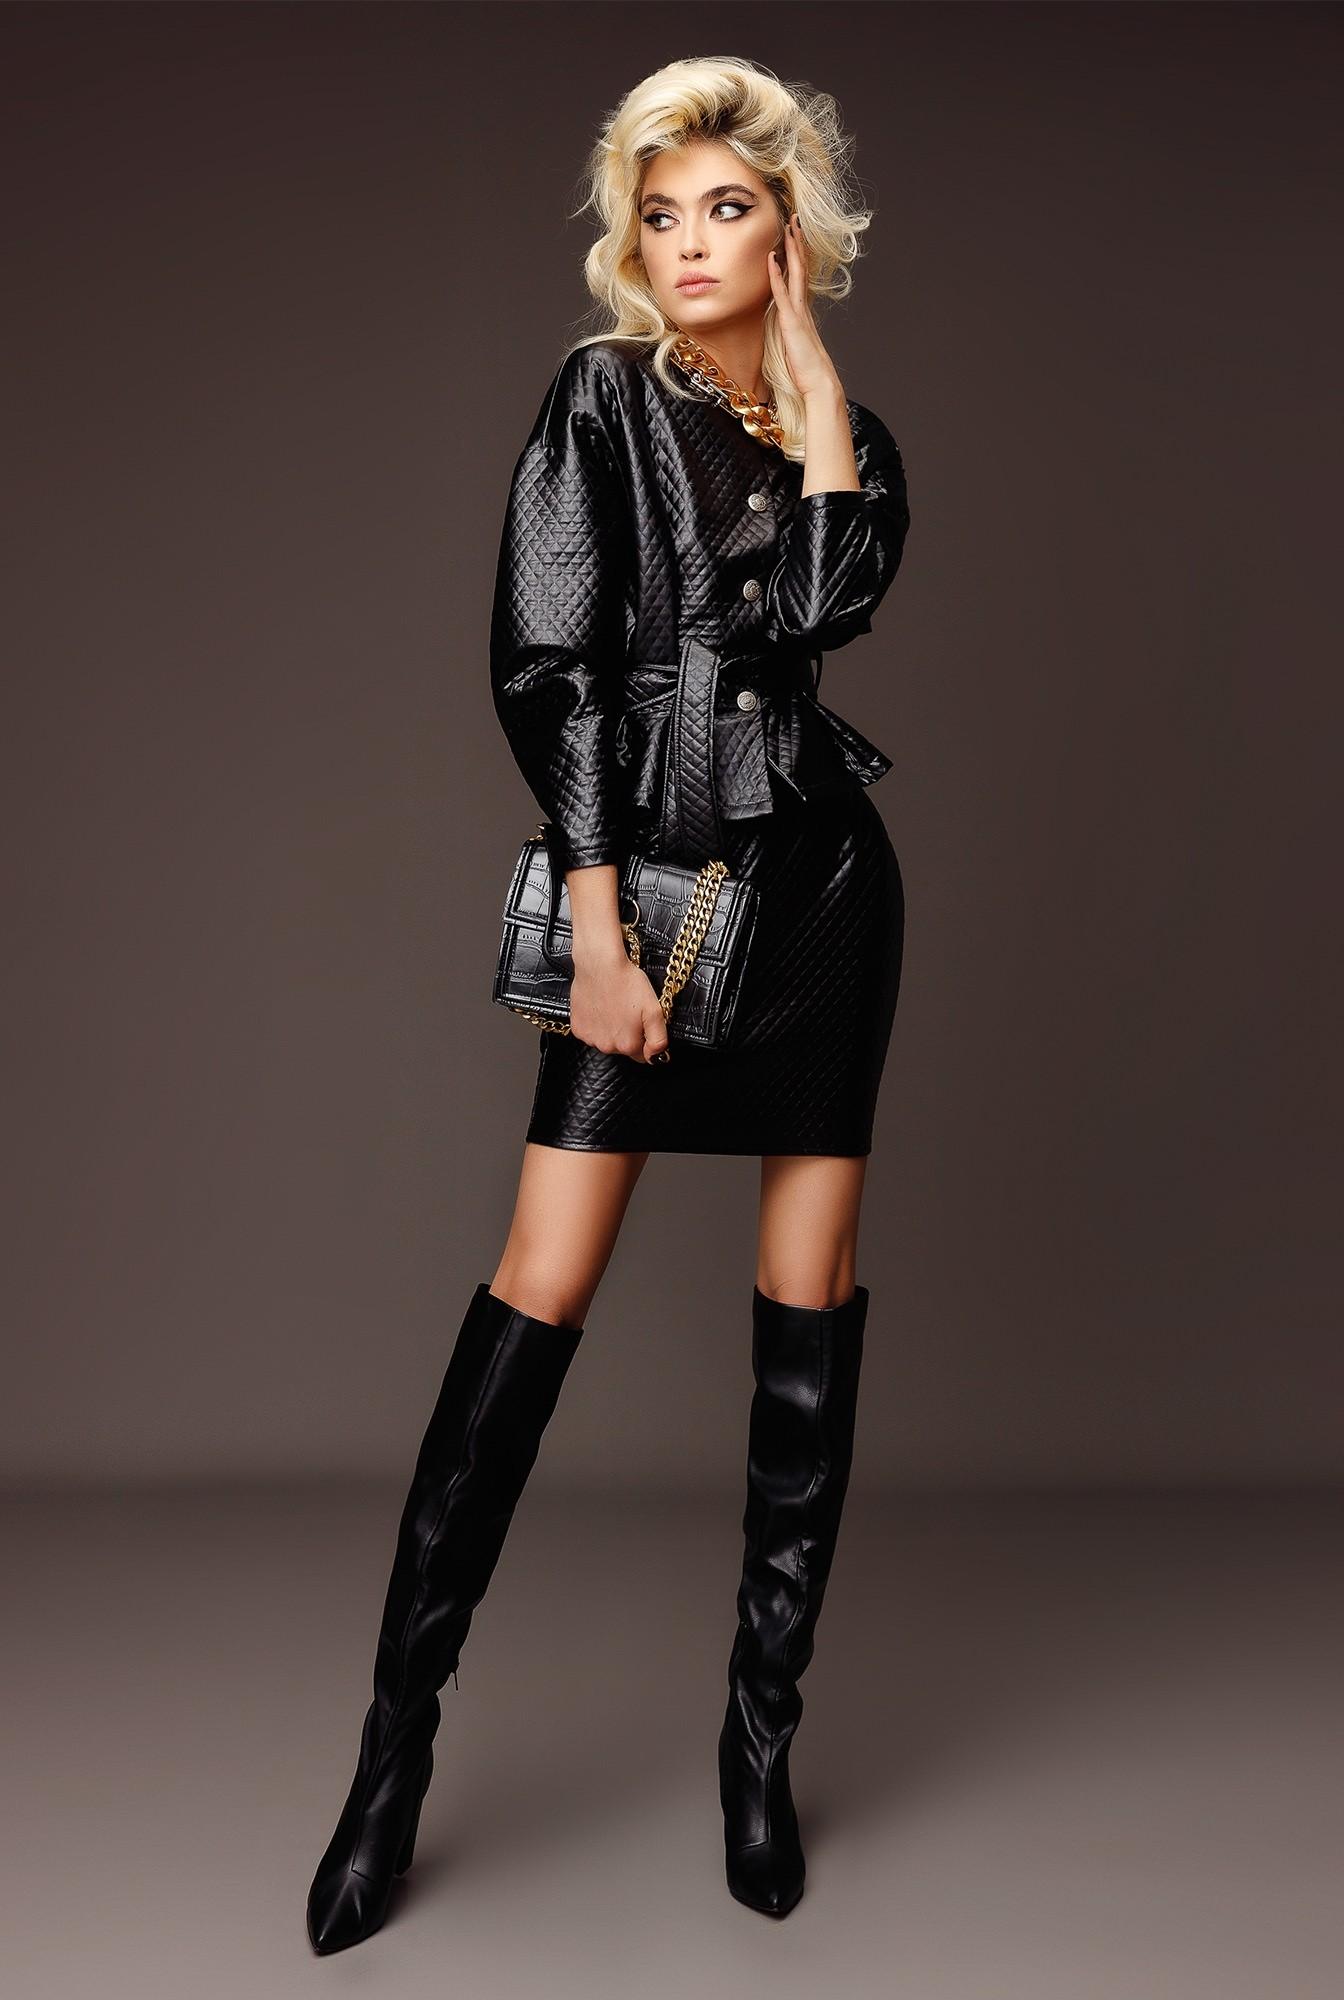 0 - compleu negru, cu fusta scurta, cu jacheta cu capse